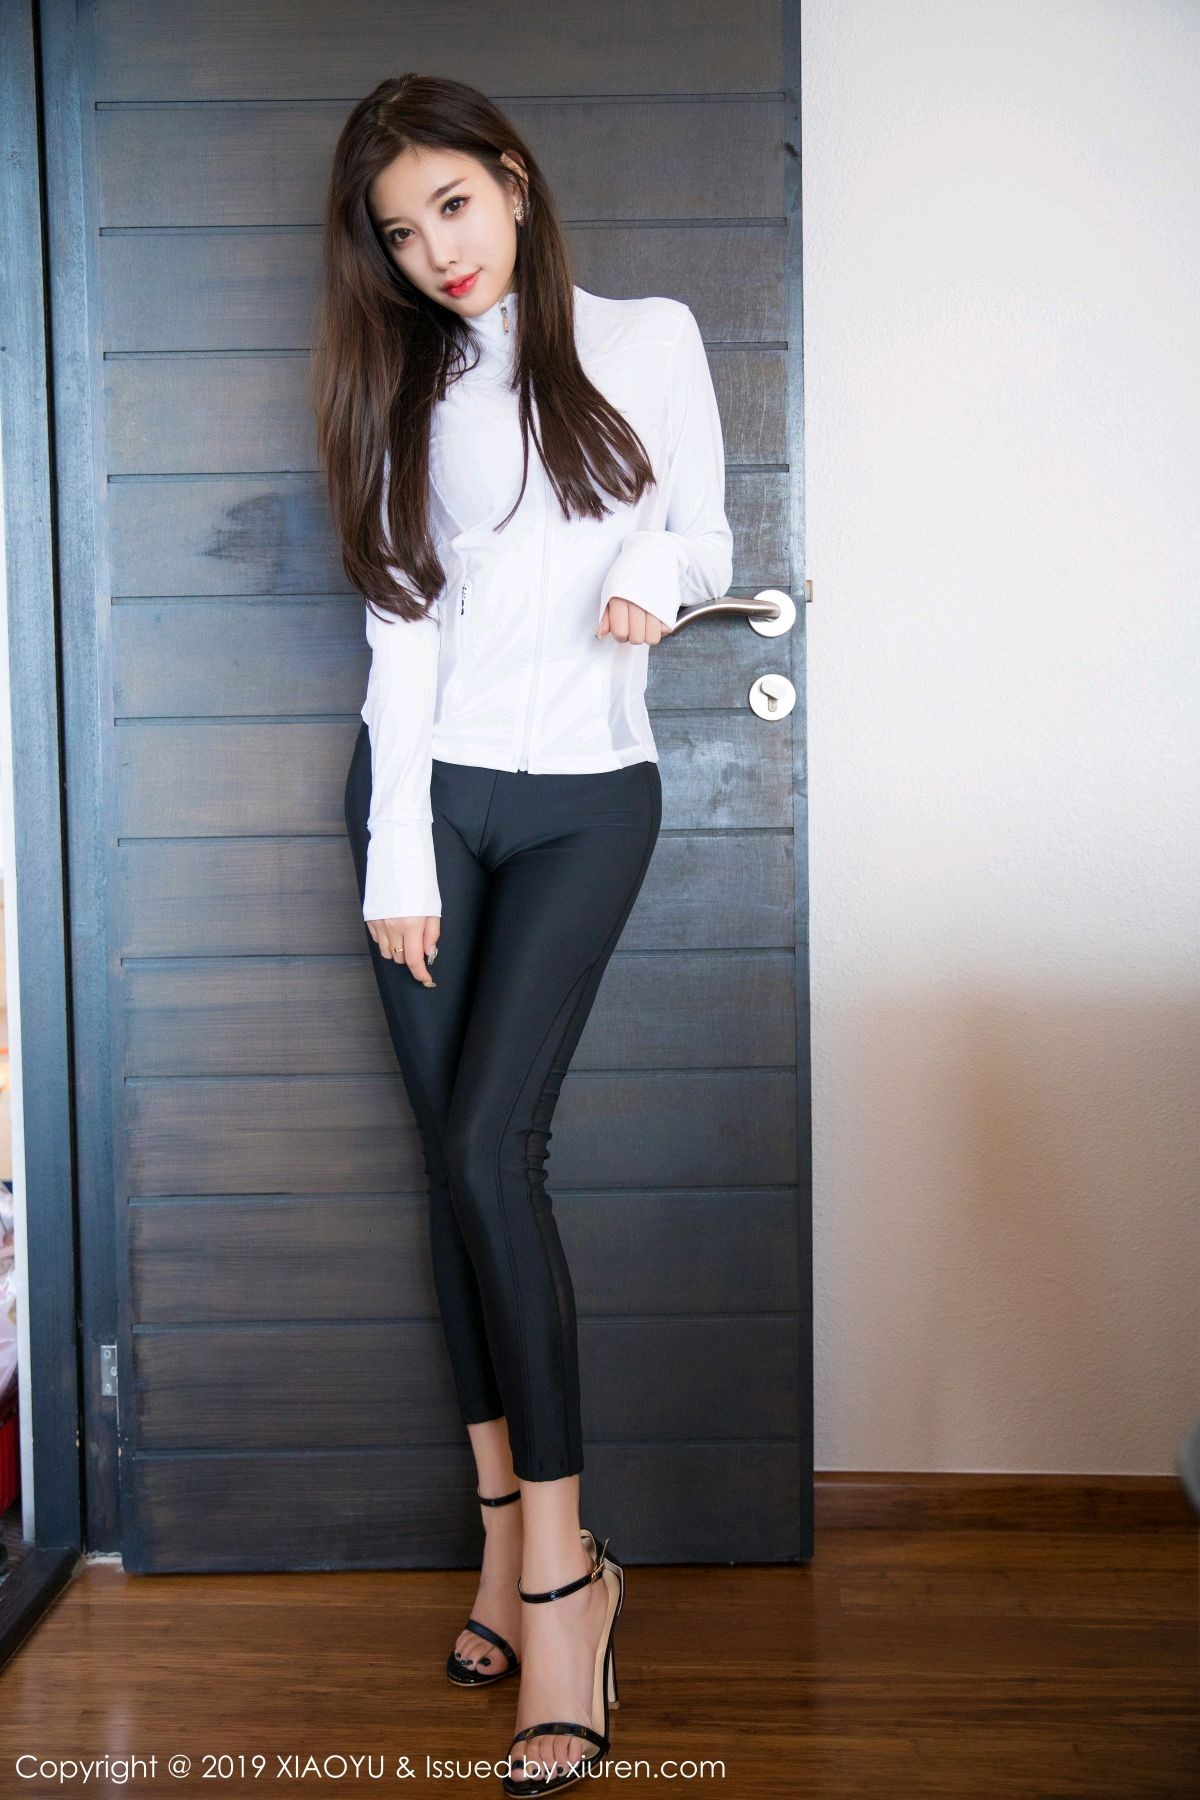 [XiaoYu] Vol.077 Yang Chen Chen Sugar 7P, Underwear, XiaoYu, Yang Chen Chen